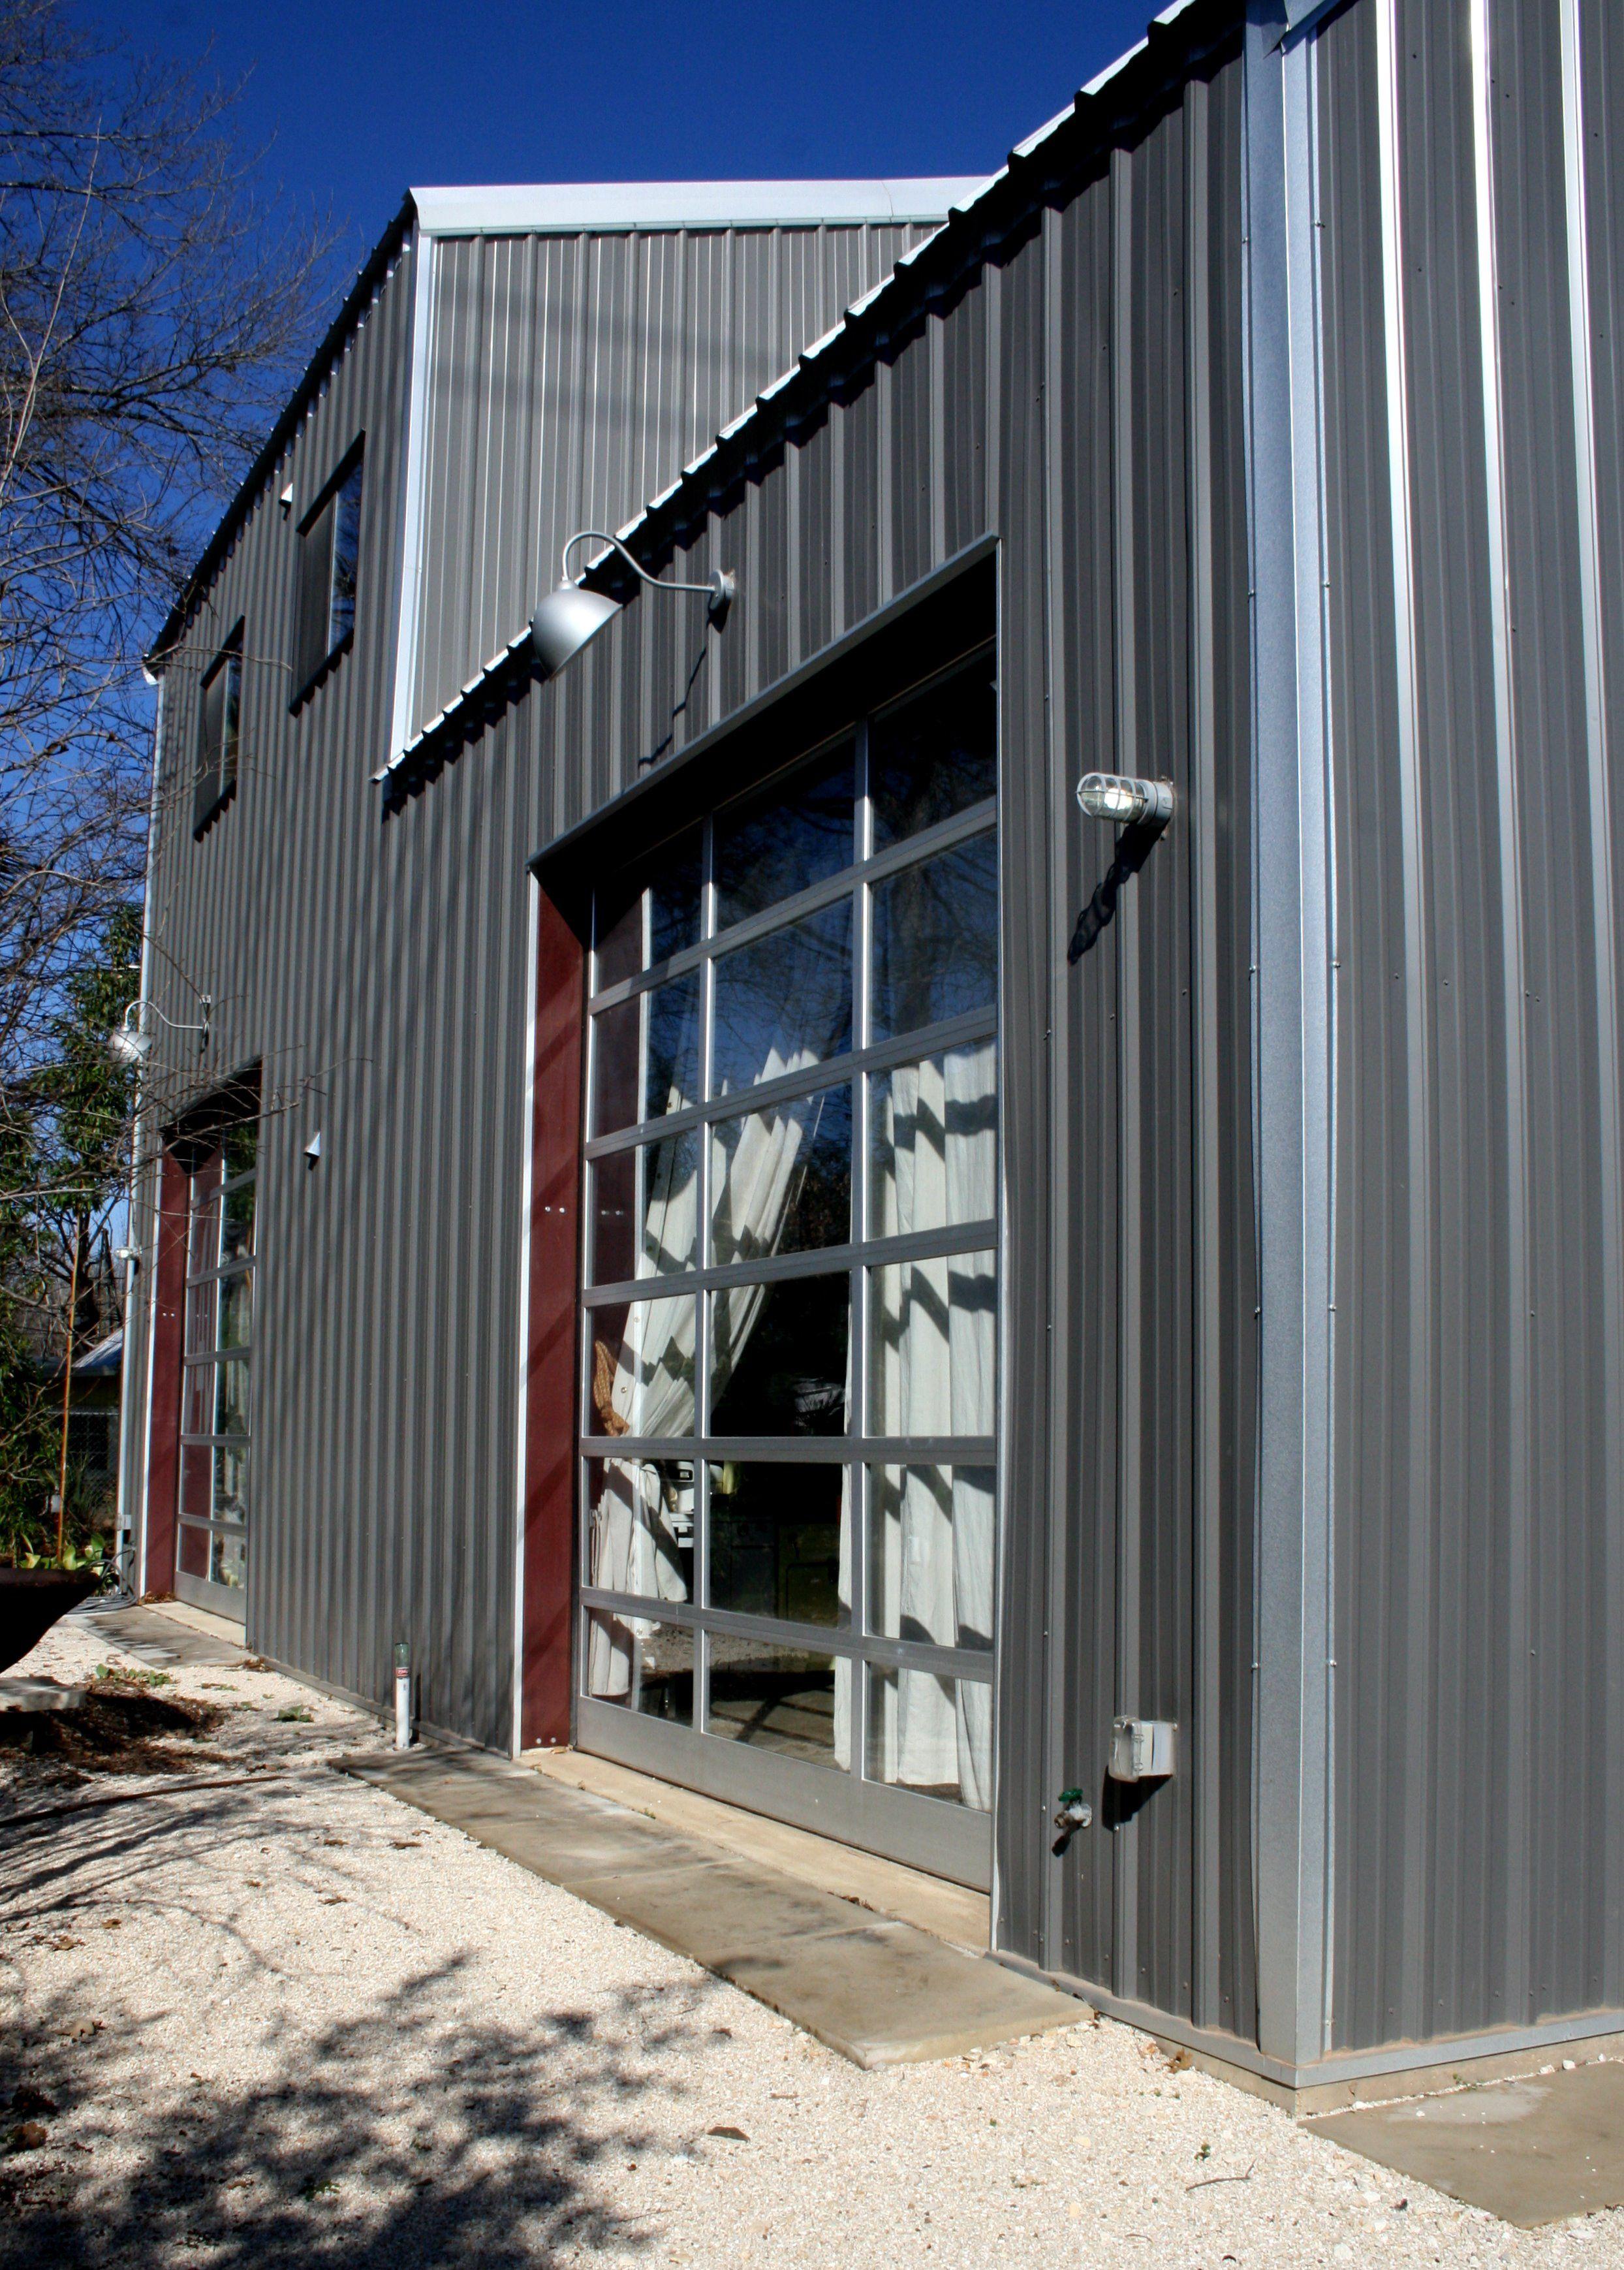 Rolling steel door on building - Glass Garage Doors Instead Of French Doors To Open Up To Deck Or Patio I Like It New Studio Pinterest Glass Garage Door Garage Doors And Decking